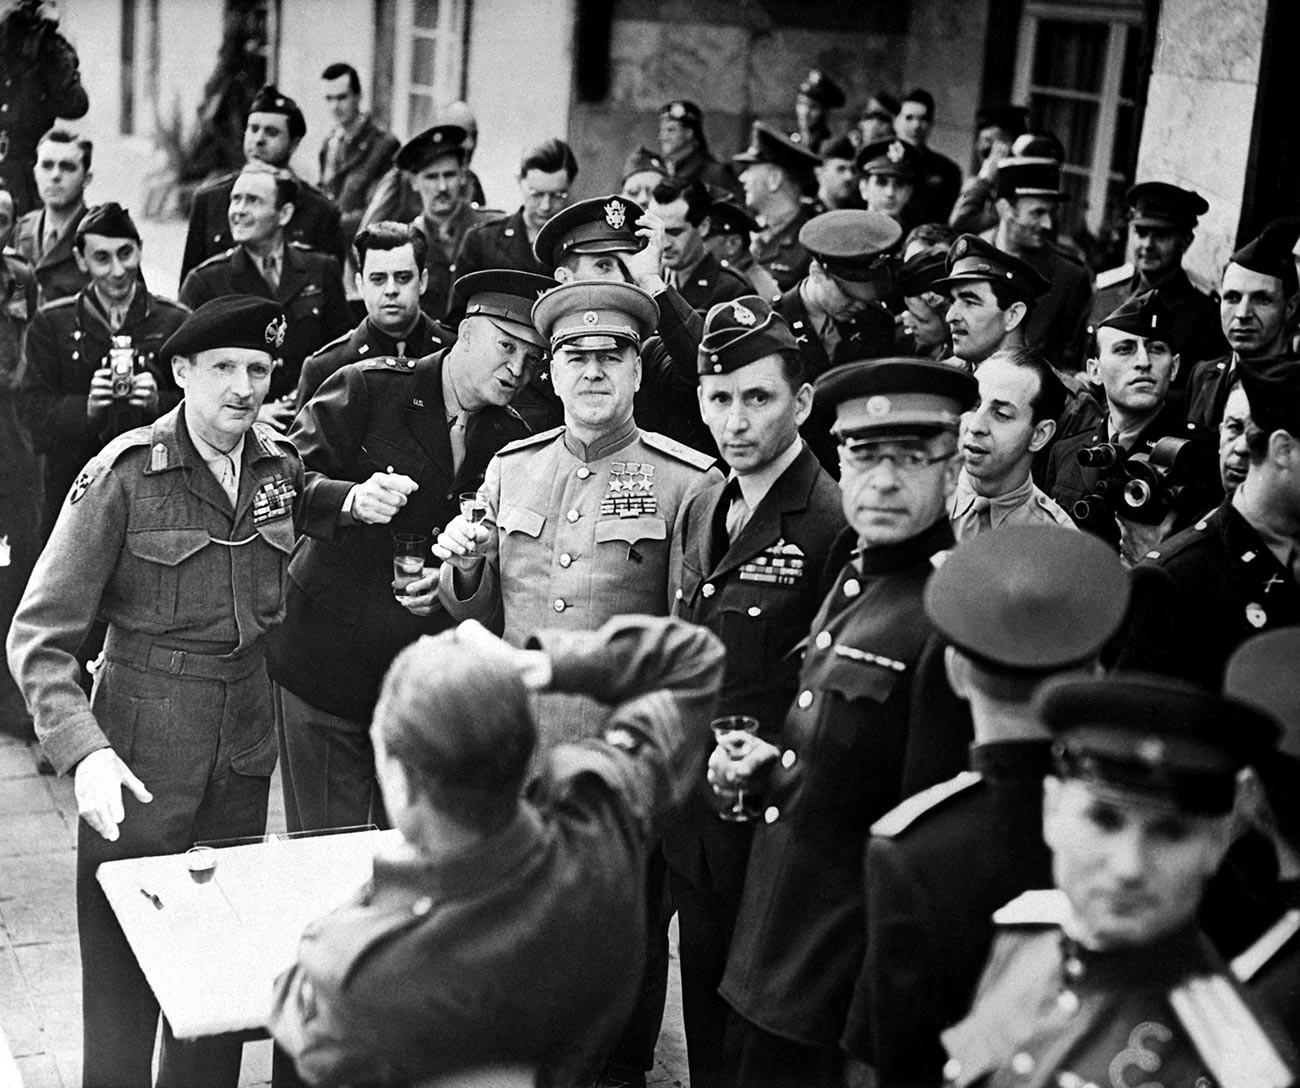 Marsekal Lapangan Inggris Bernard Montgomery (kiri, mengenakan baret) dianugerahi 'Orde Kemenangan' pada 5 Juni 1945. Jenderal Amerika Dwight Eisenhower dan marsekal lapangan Soviet Georgy Zhukov, yang juga penerima Orde Kemenangan, berada di sebelah kanan Montgomery.